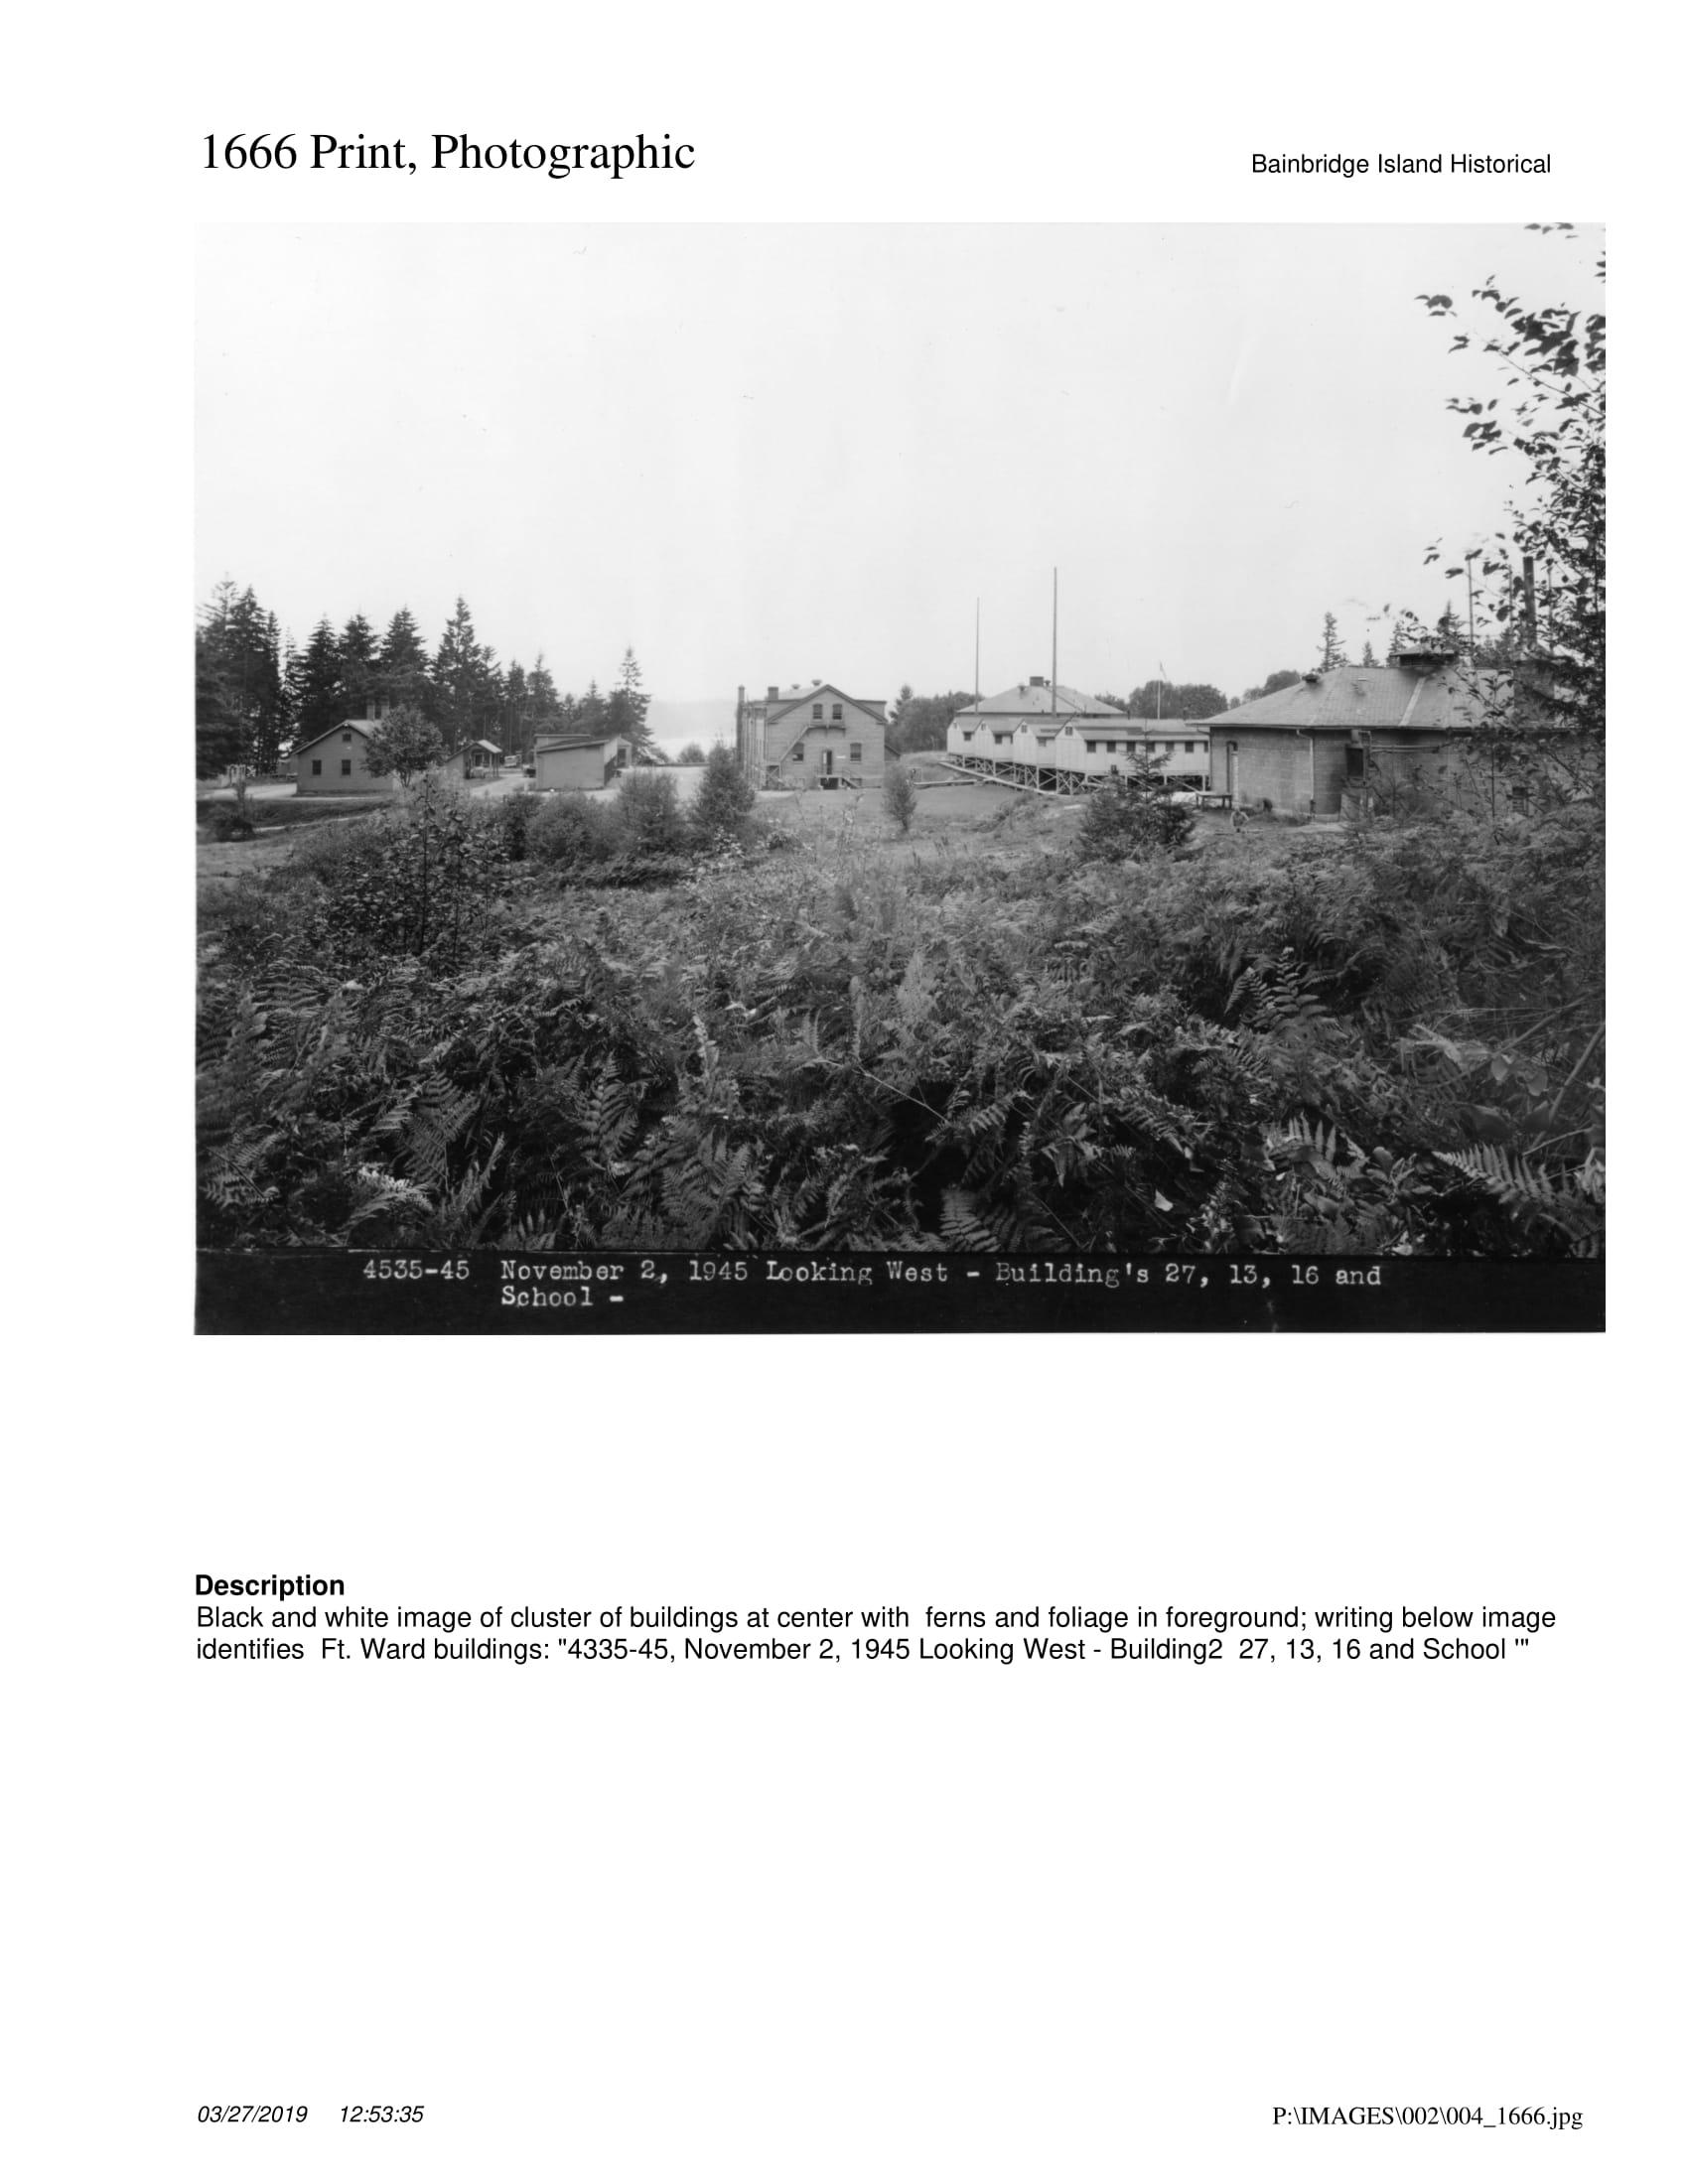 1666 Full Image of Photo-1.jpg